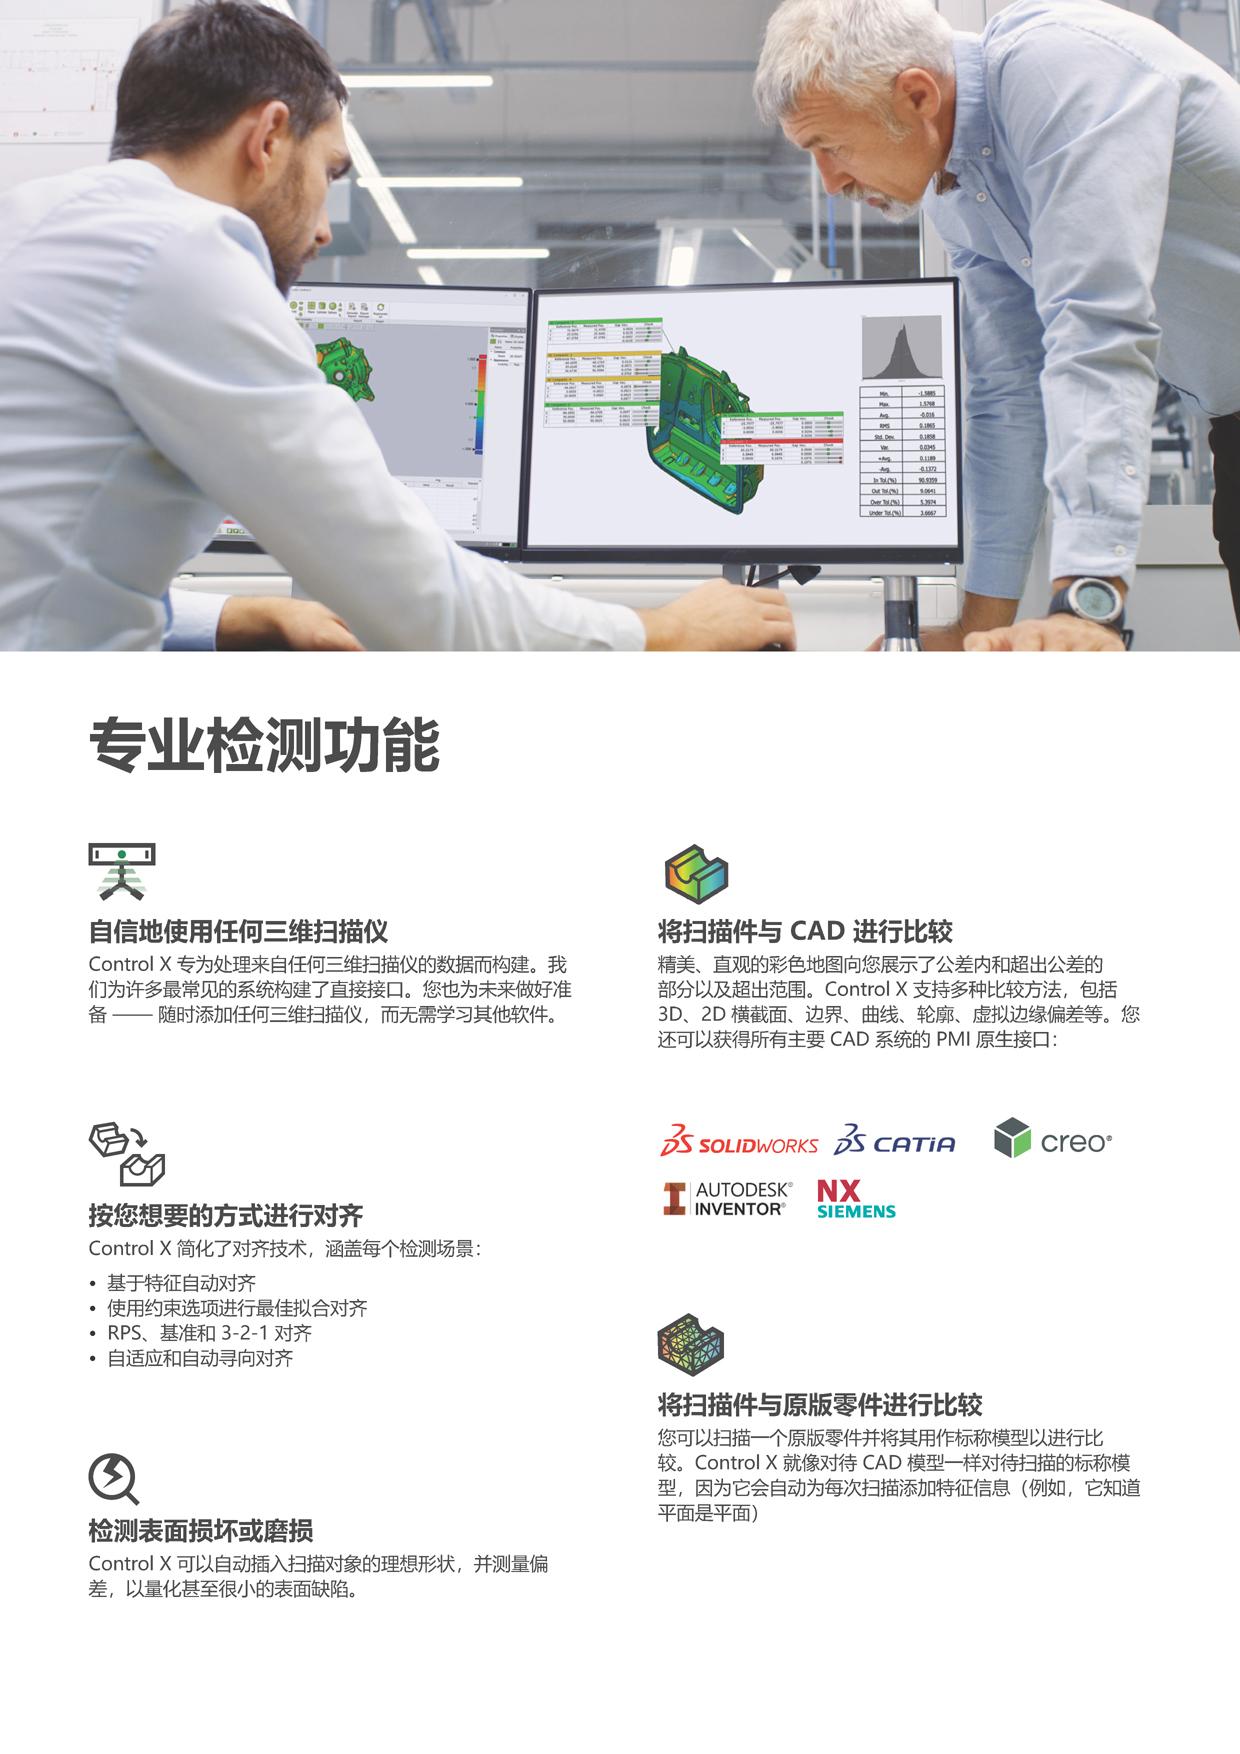 Controlx-CN_页面_4.jpg